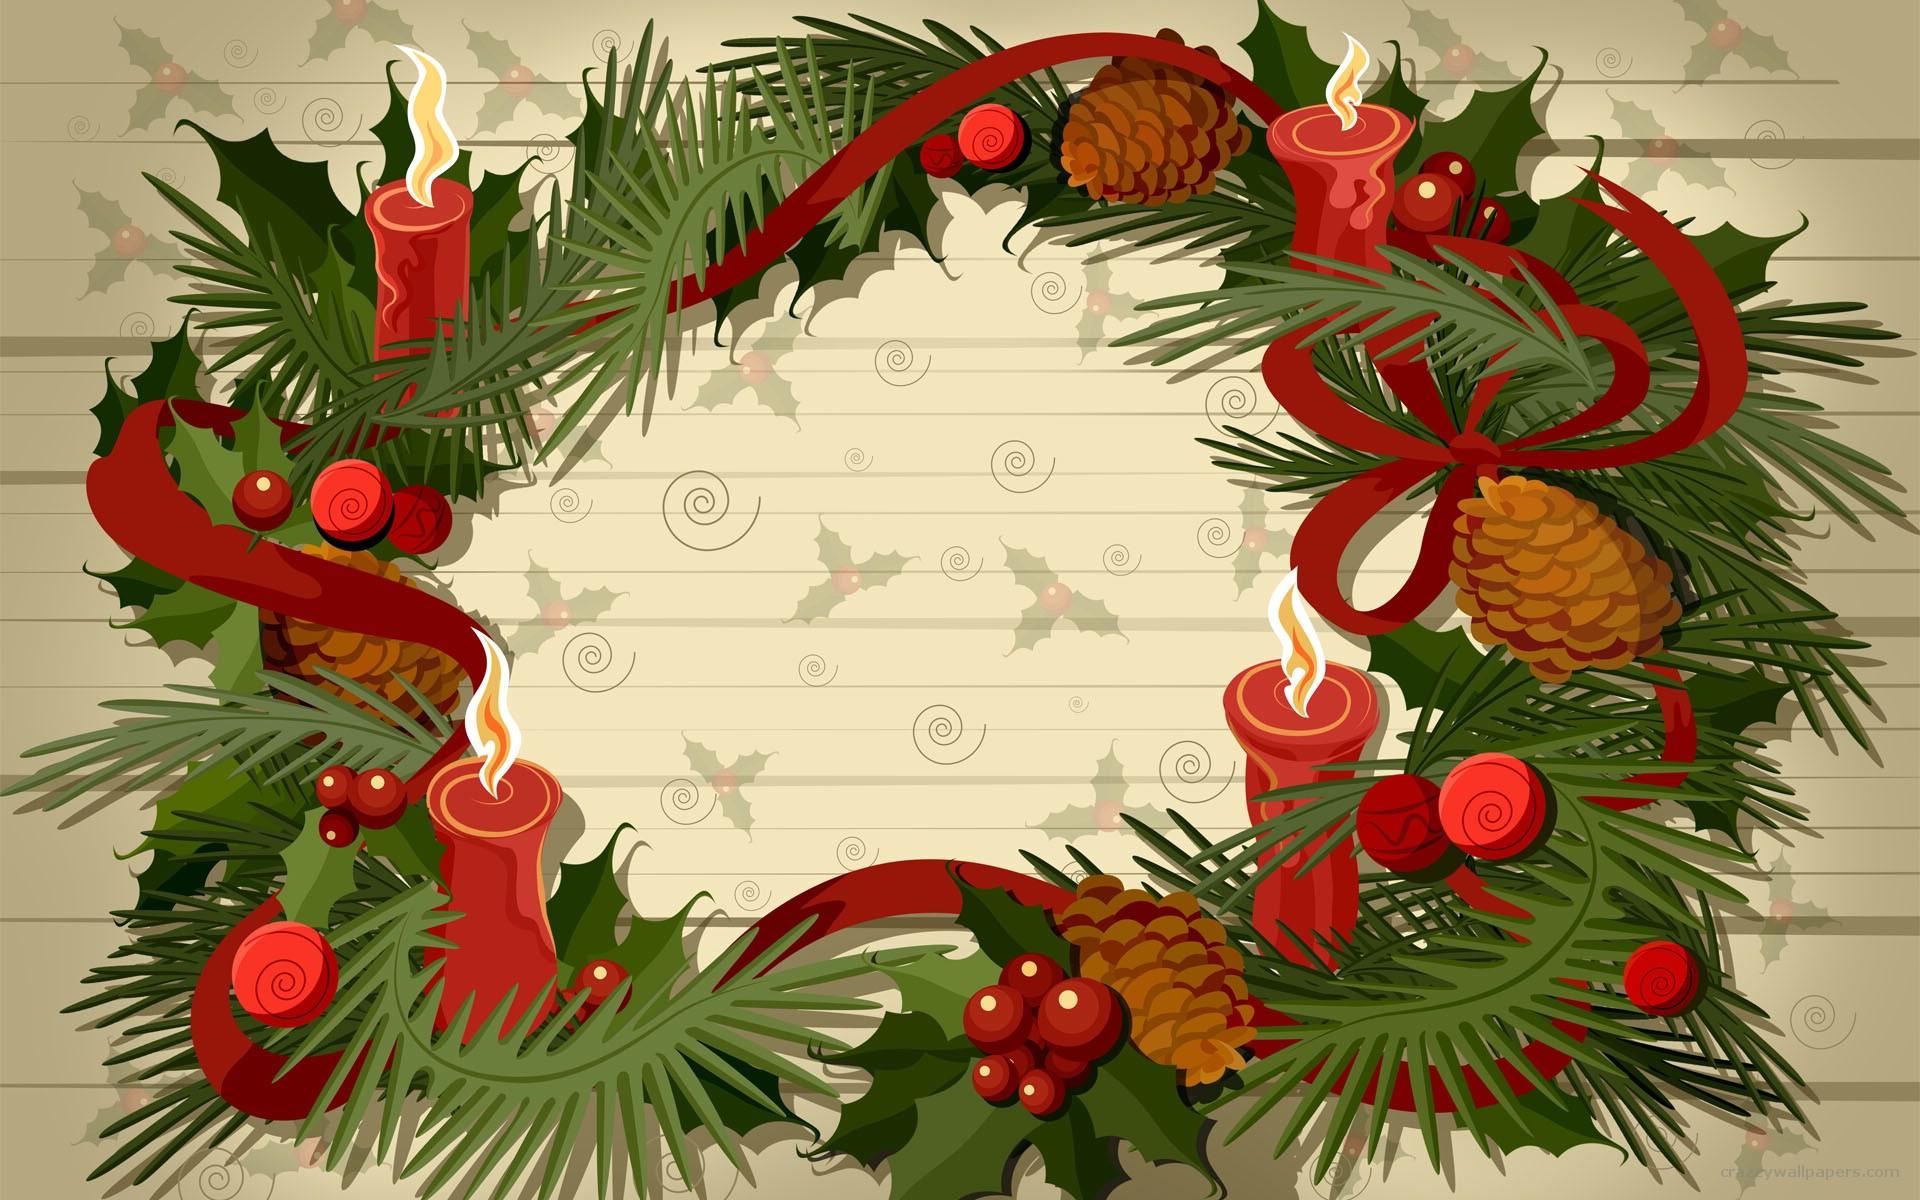 圣诞节桌面壁纸欣赏